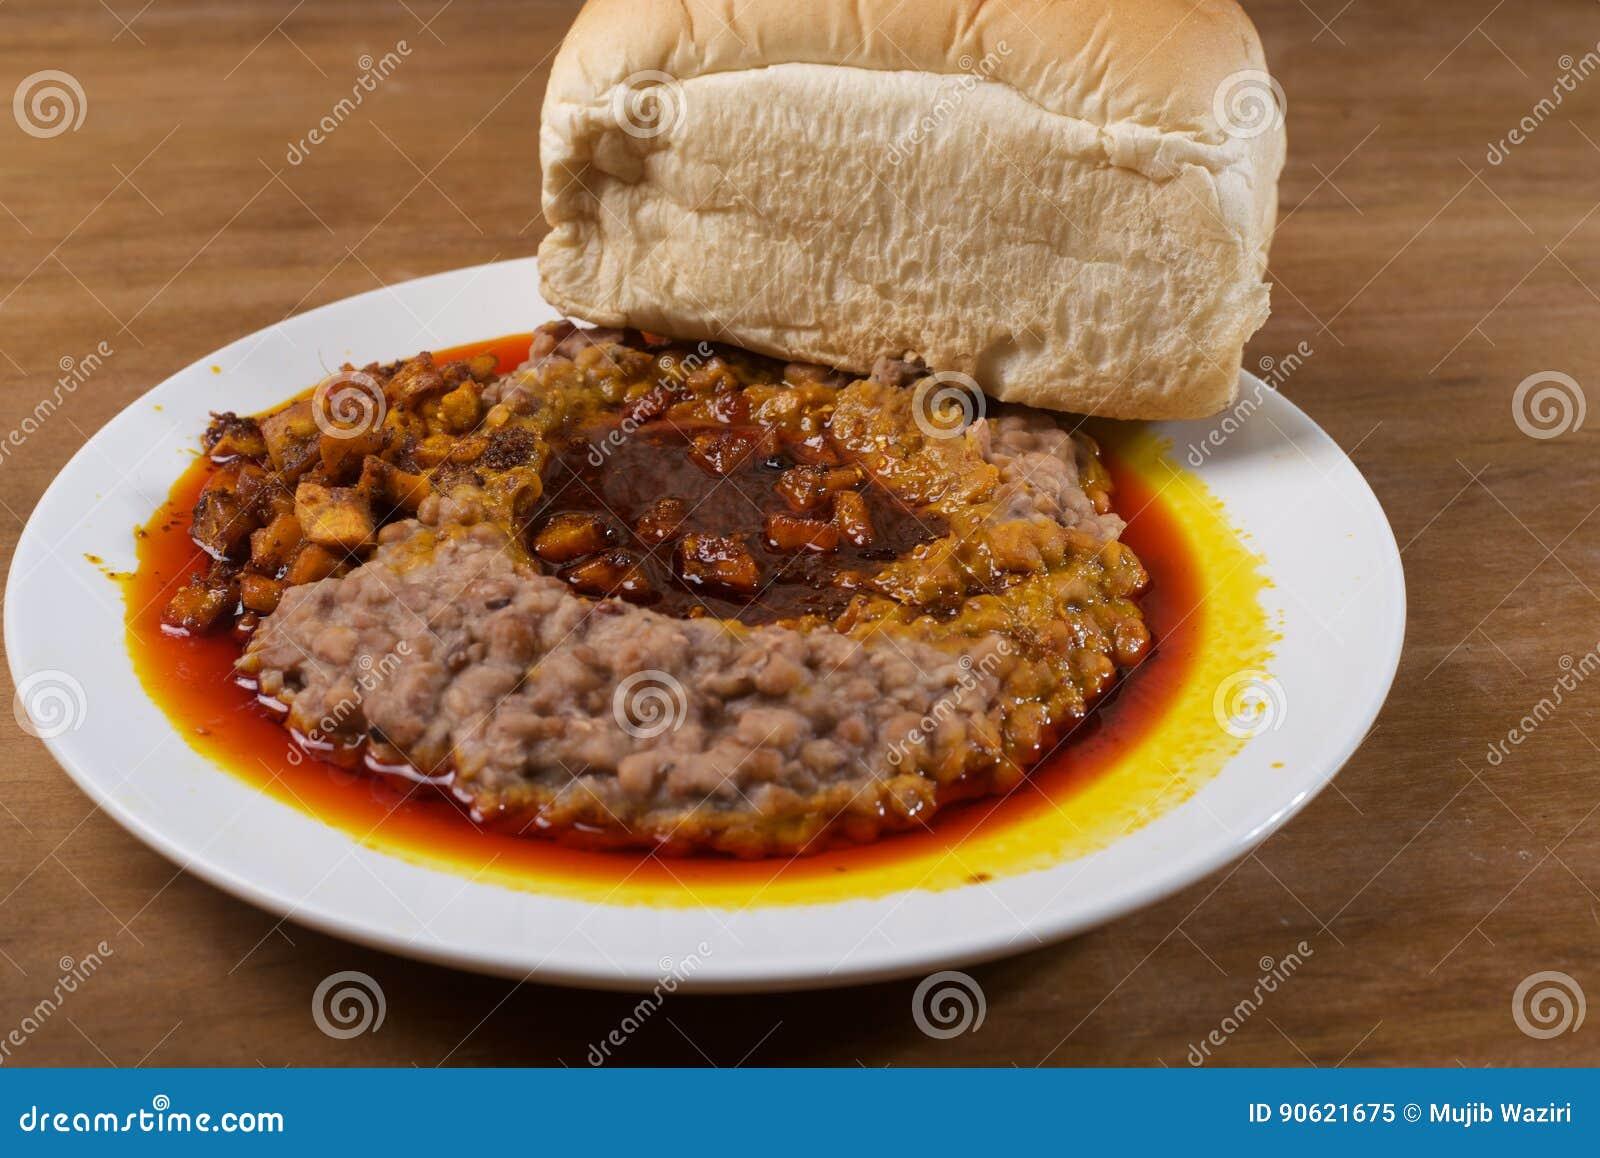 A plate of ewa agoyin and agege bread